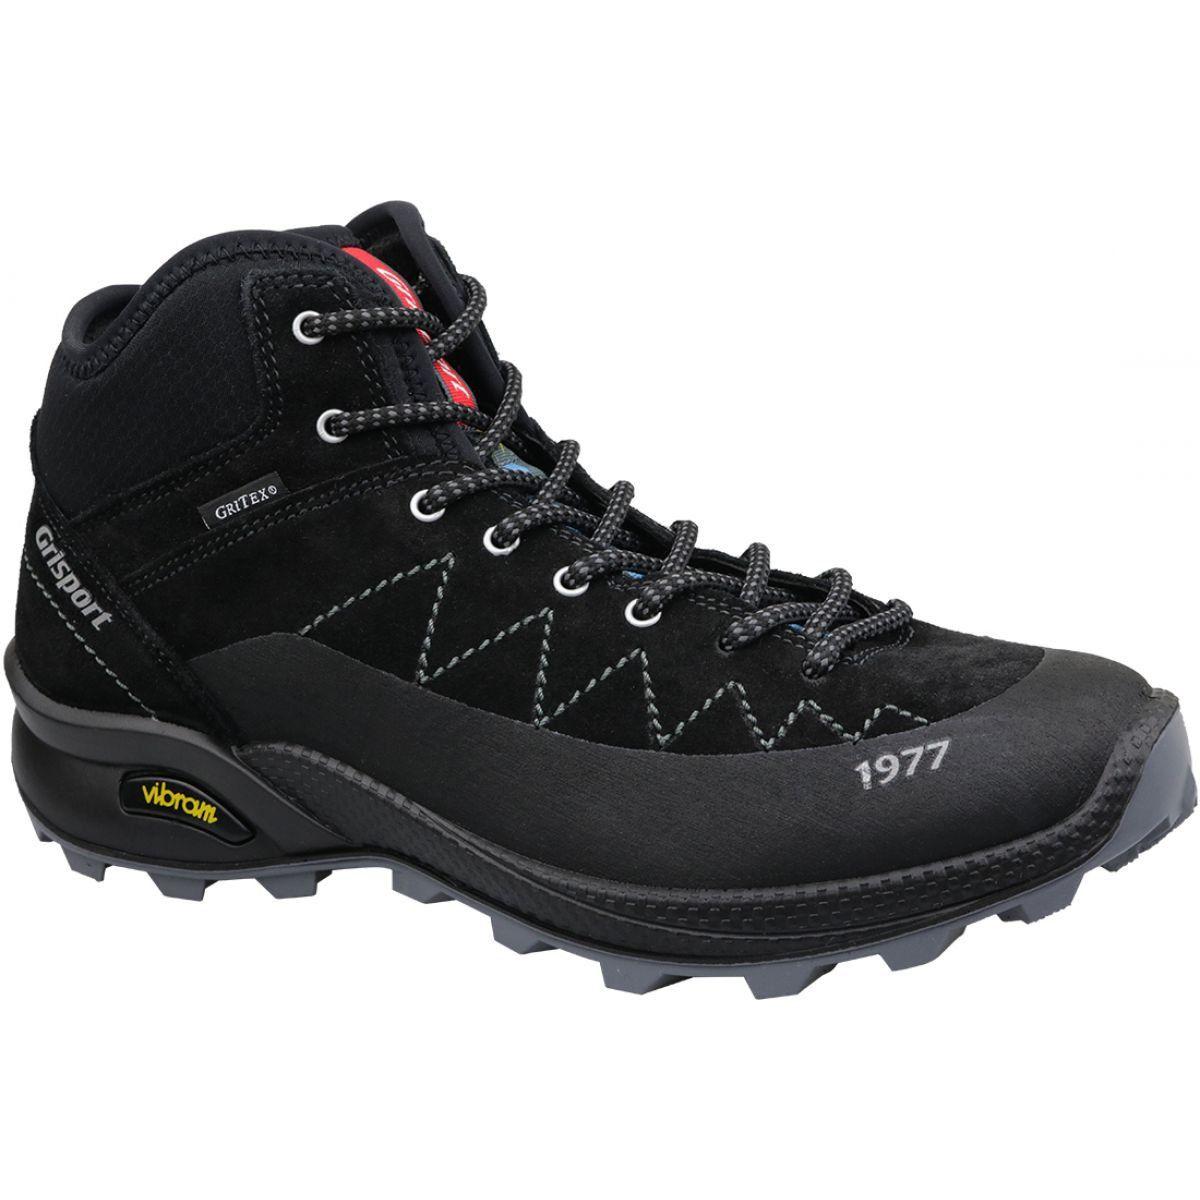 Buty Grisport 470 Nero Vesuvio M 13143v14g Czarne Black Shoes Black Sports Shoes Shoes